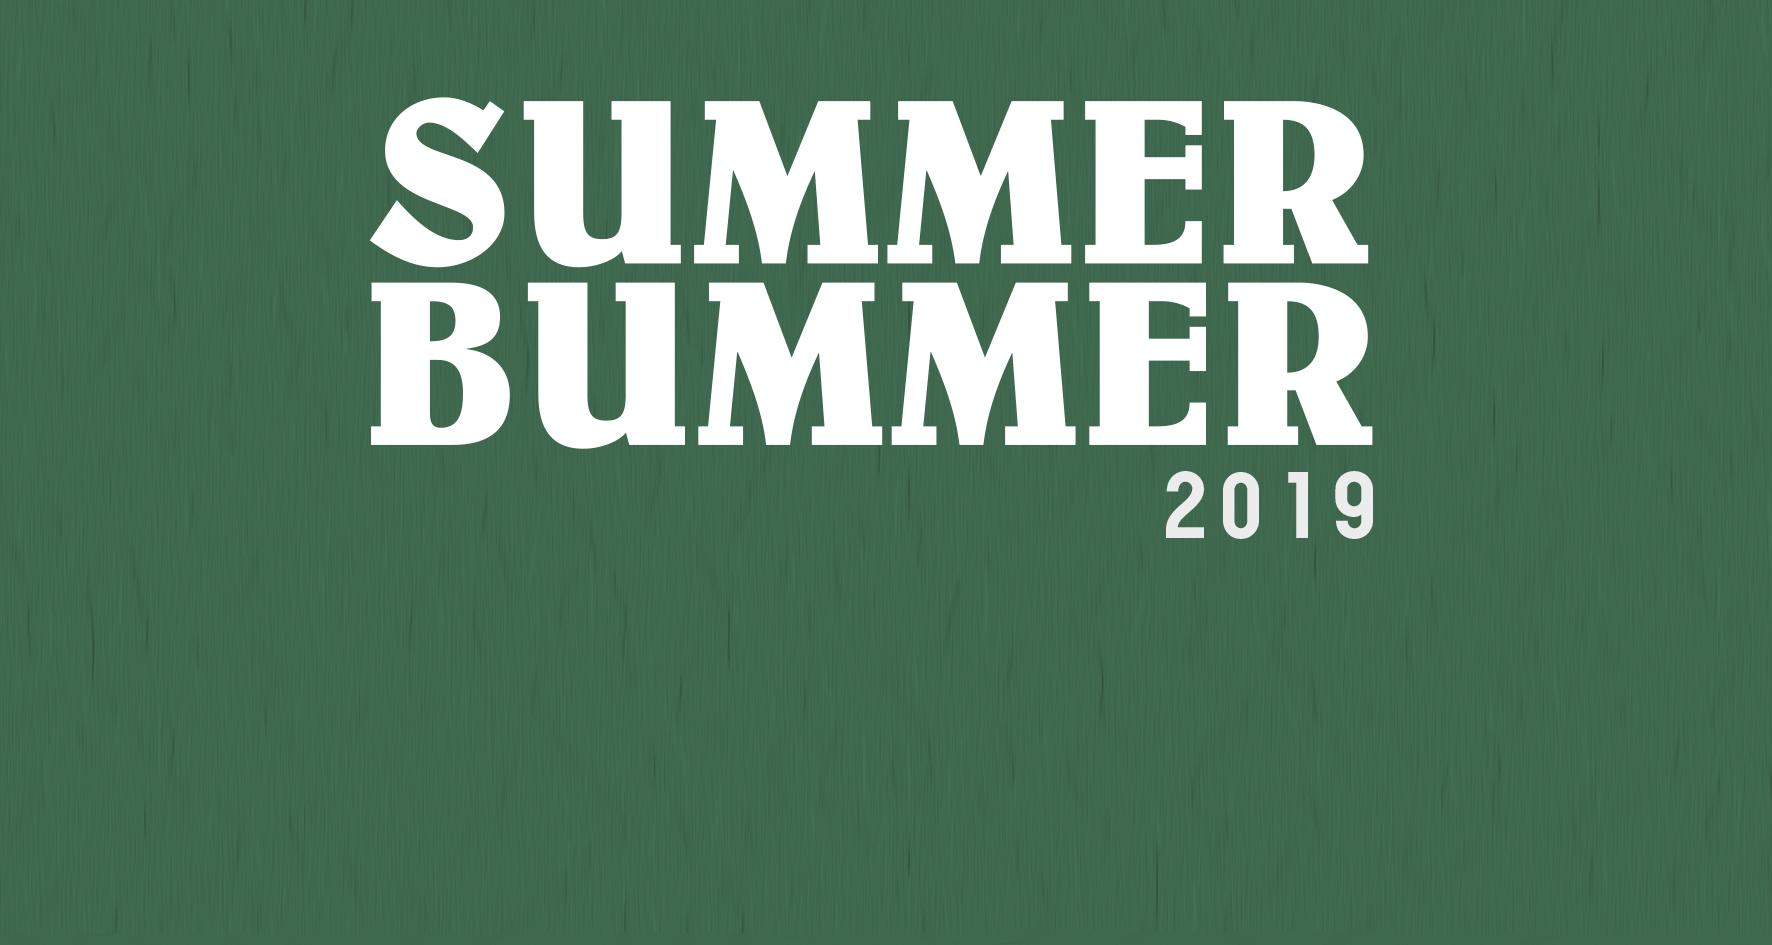 SUMMER BUMMER FESTIVAL 2019 - DAY 1